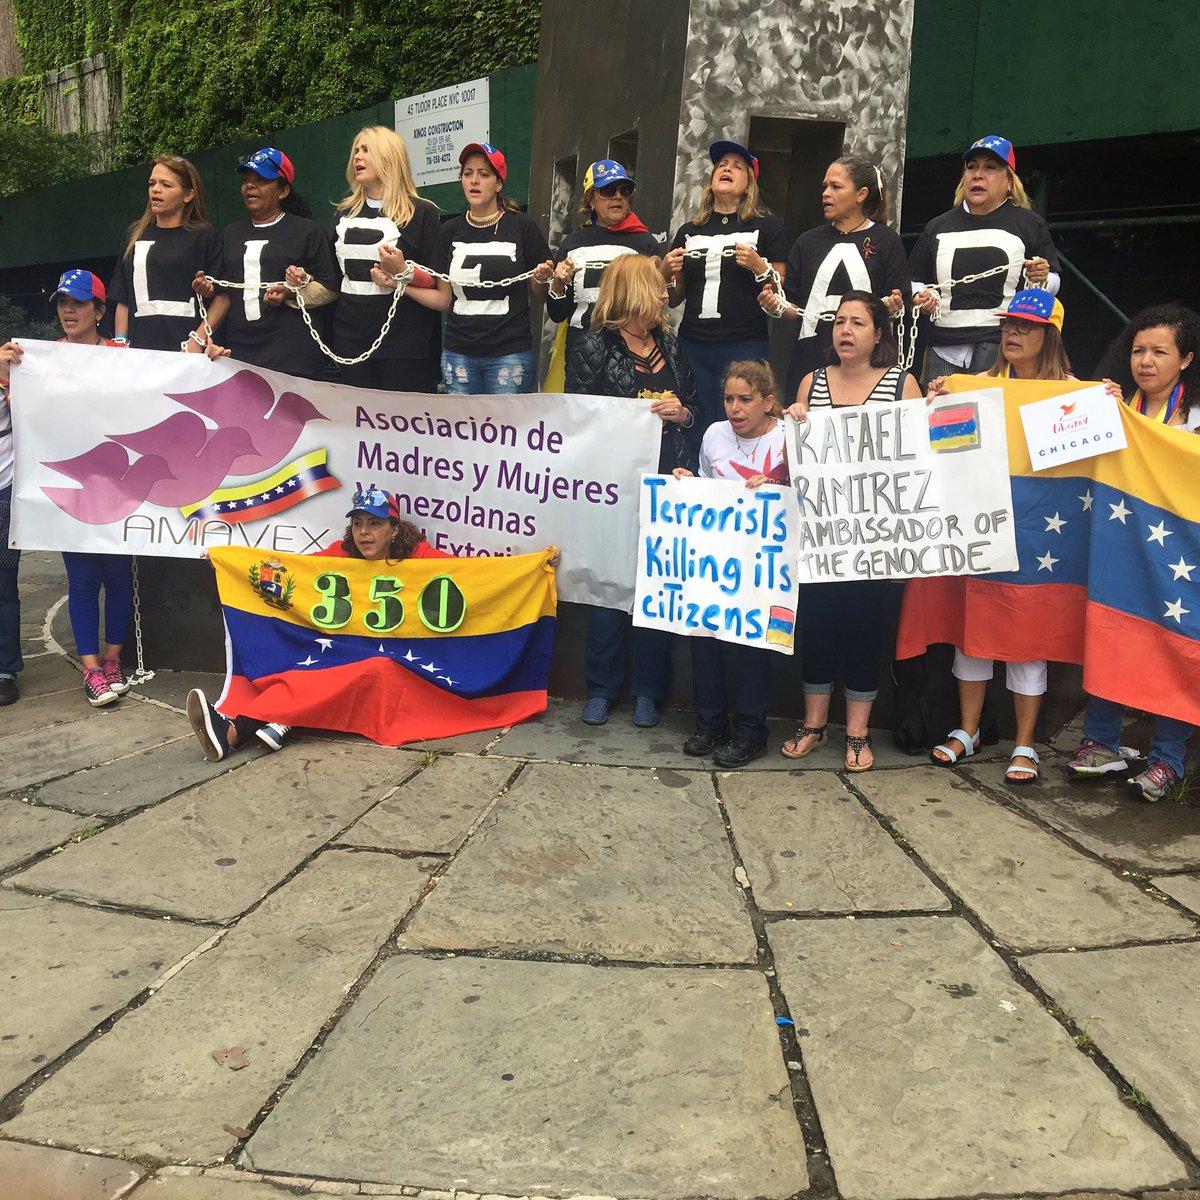 #MujeresPariendoLibertad Venezolanas frente a ONU NY exigiendo la intervención del organismo y canal humanitario @AmavexInc @MVLibertadoras https://t.co/y4lIg21hXo